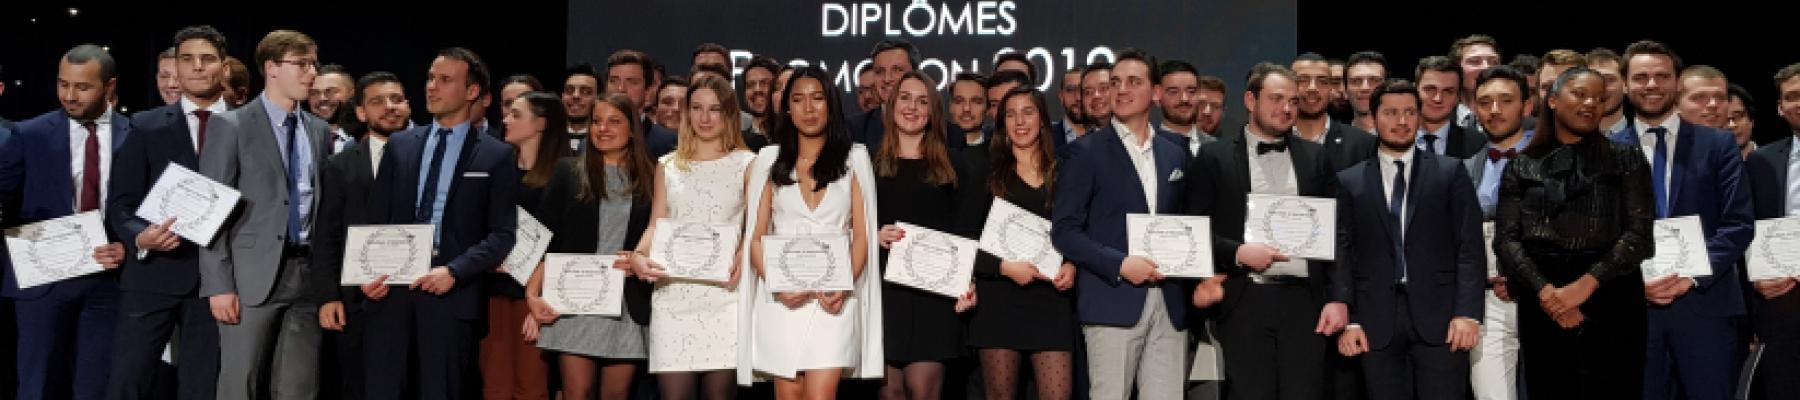 L'ESITC PARIS célèbre les diplômé(e)s de la promotion Demathieu & Bard Construction!